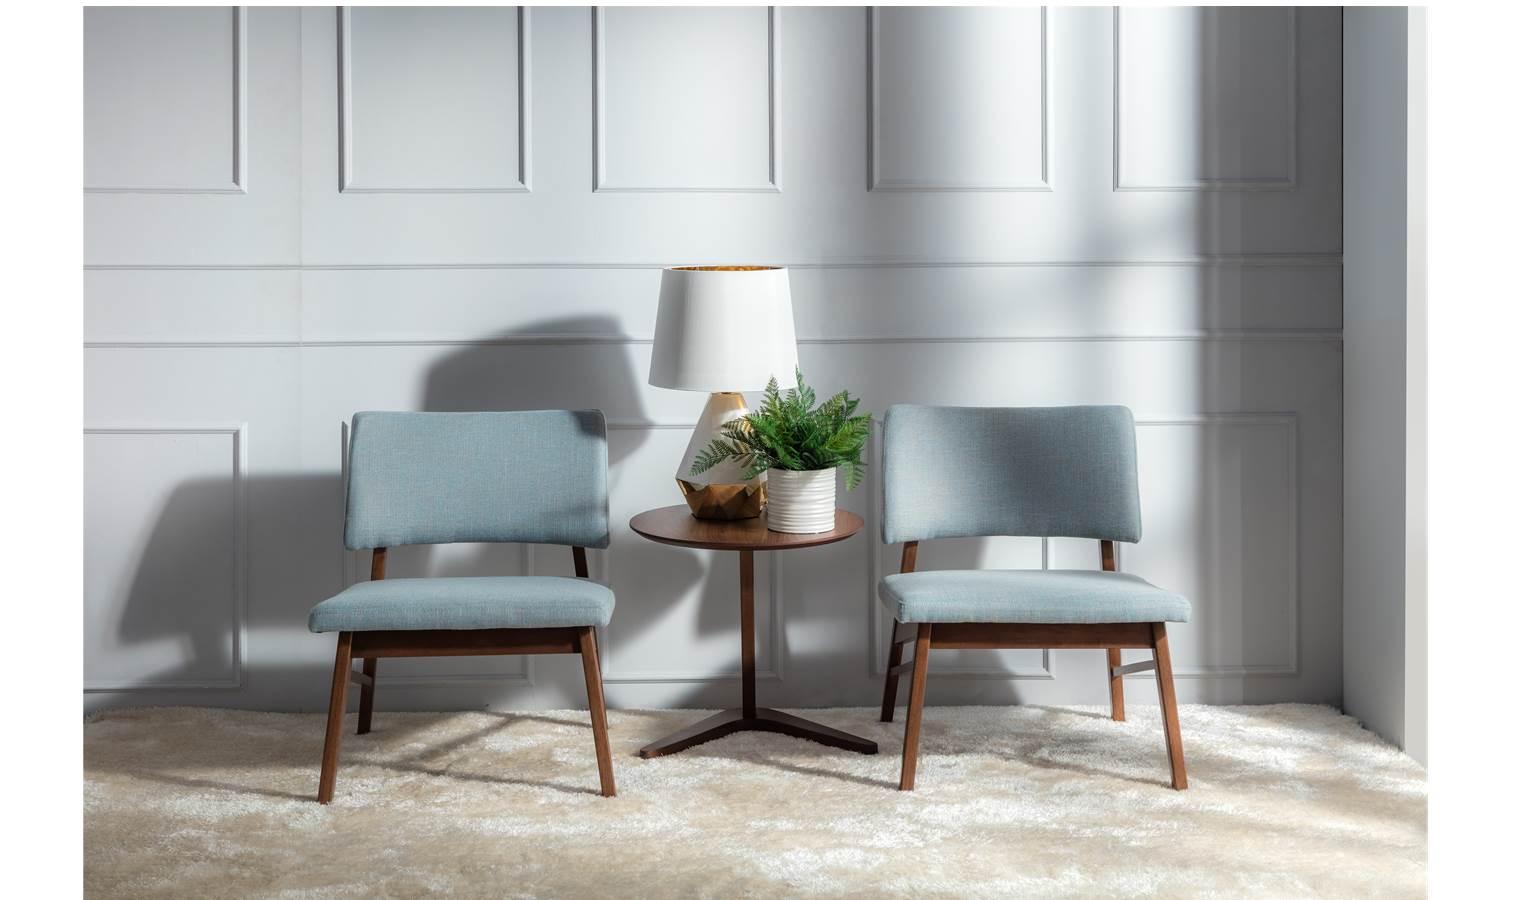 Lounge Chair Malaysia Gubi